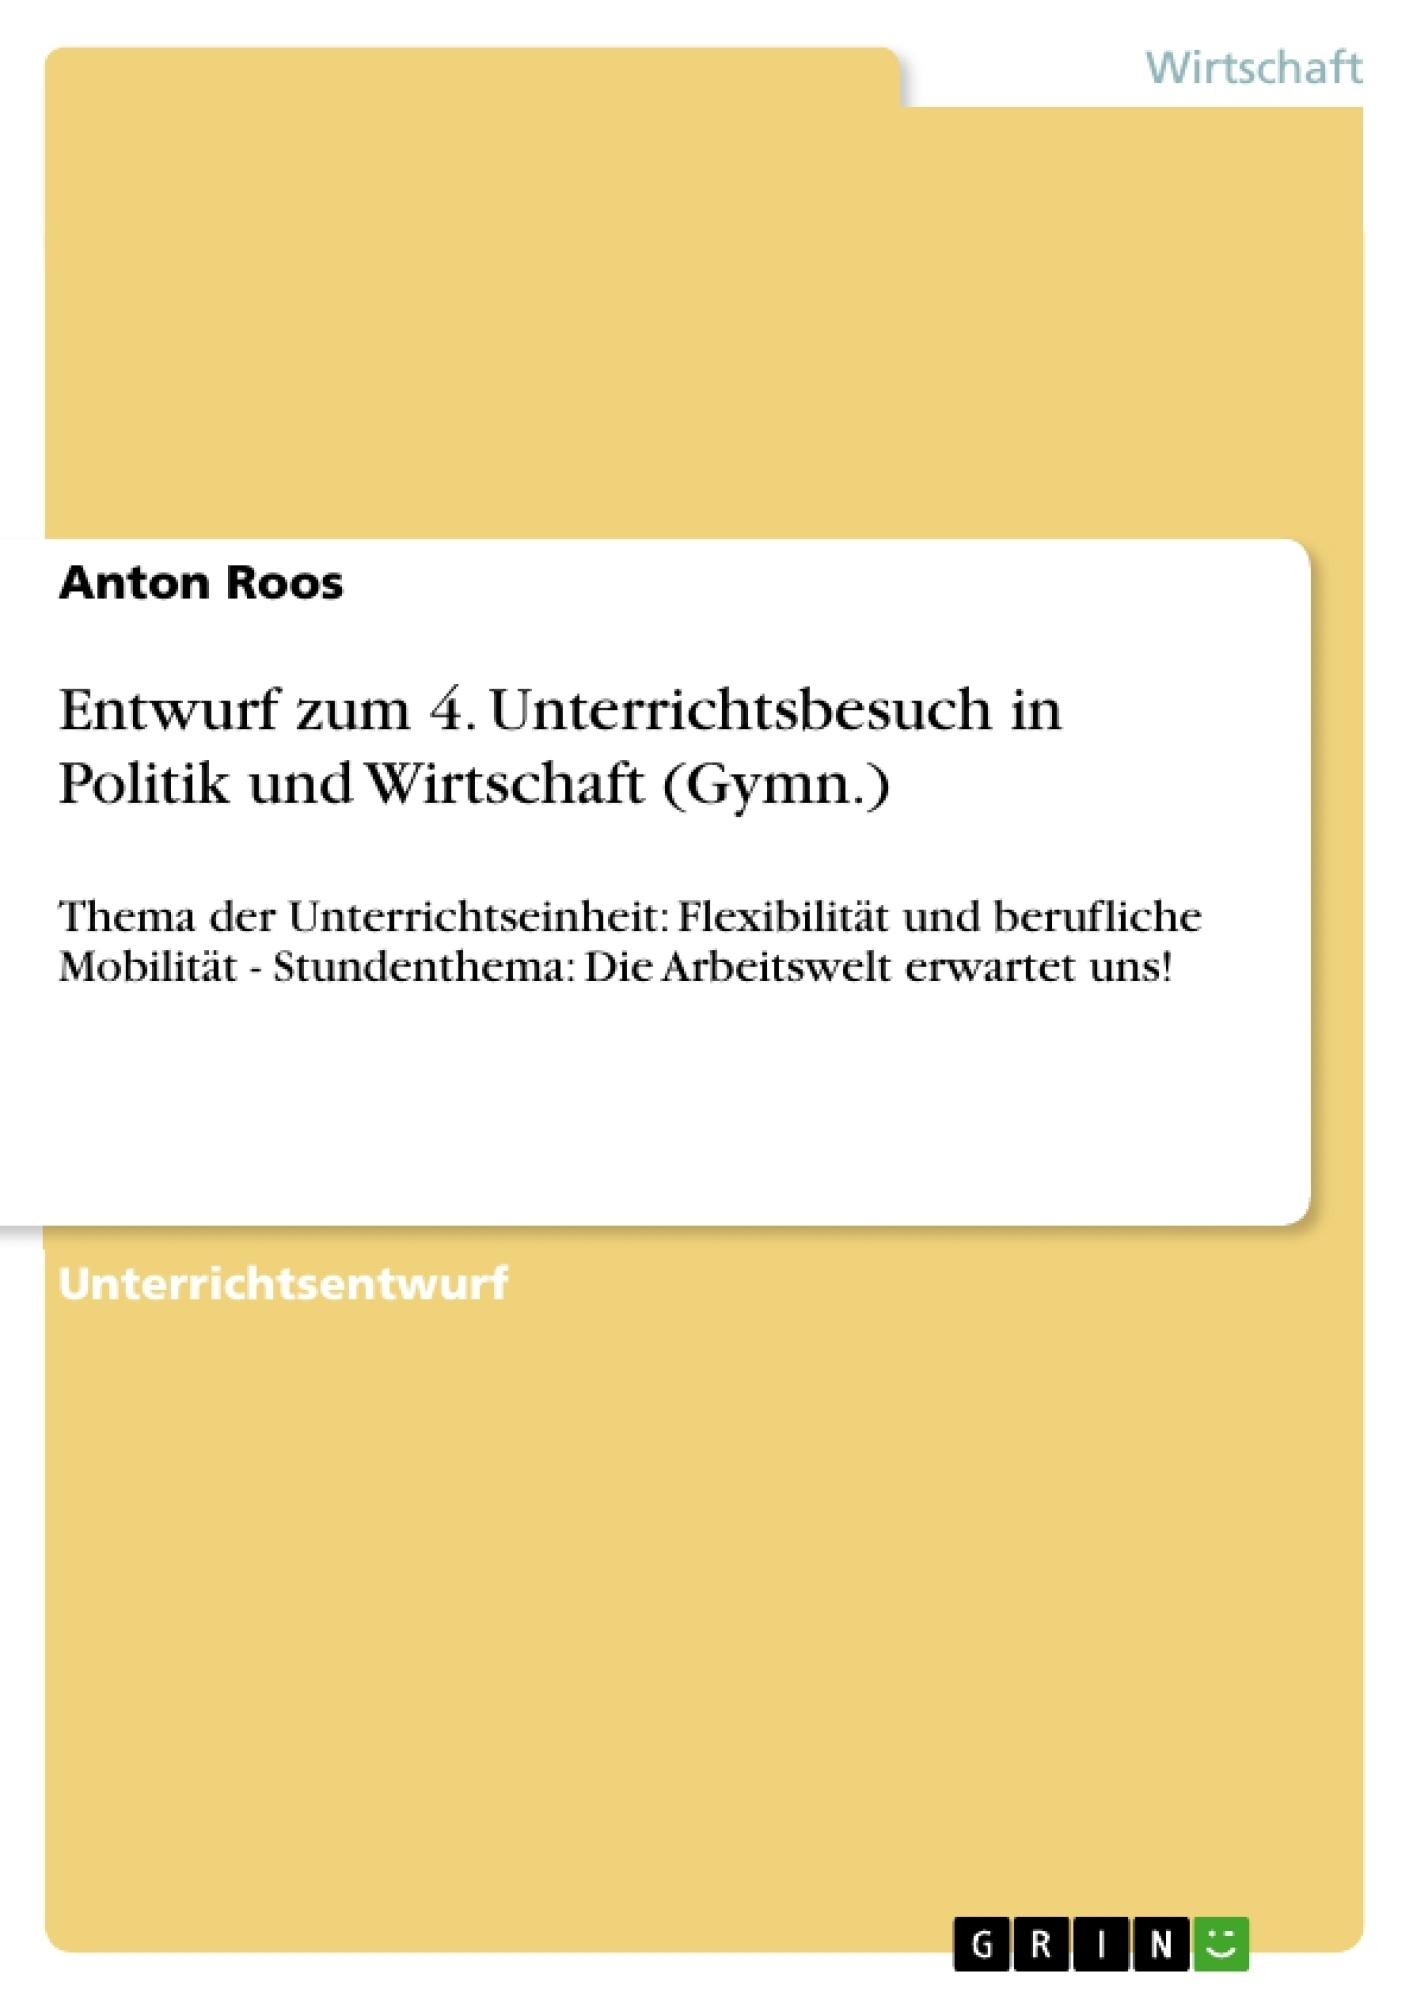 Titel: Entwurf zum 4. Unterrichtsbesuch in Politik und Wirtschaft (Gymn.)